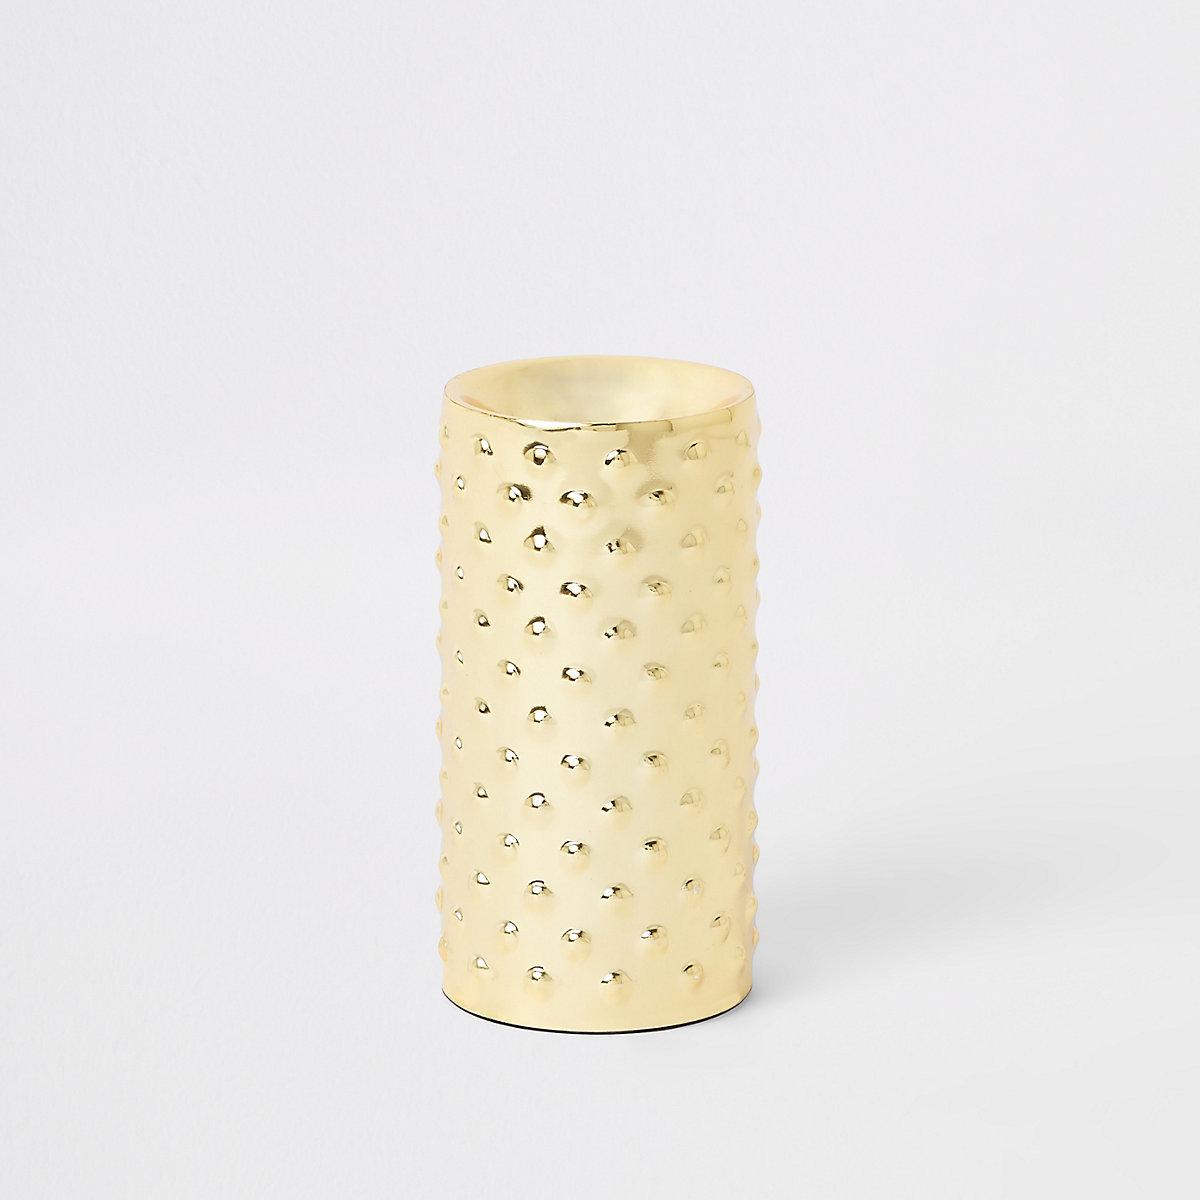 Medium gold tealight holder